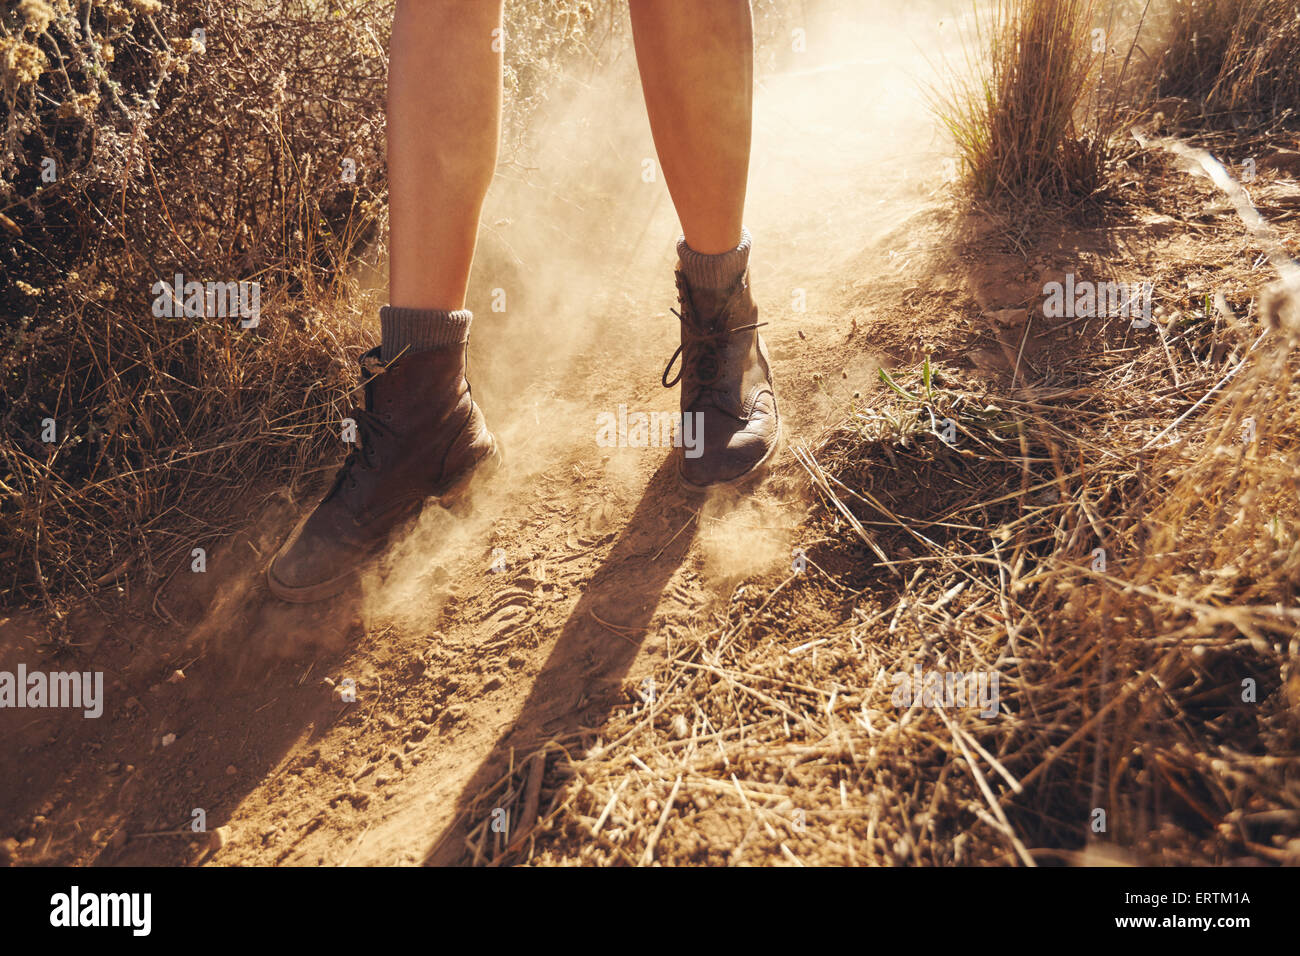 Junge Frau die Füße als She-Wanderungen auf einem Bergweg mit Staubwolke. Frau auf Feldweg in Landschaft Stockbild